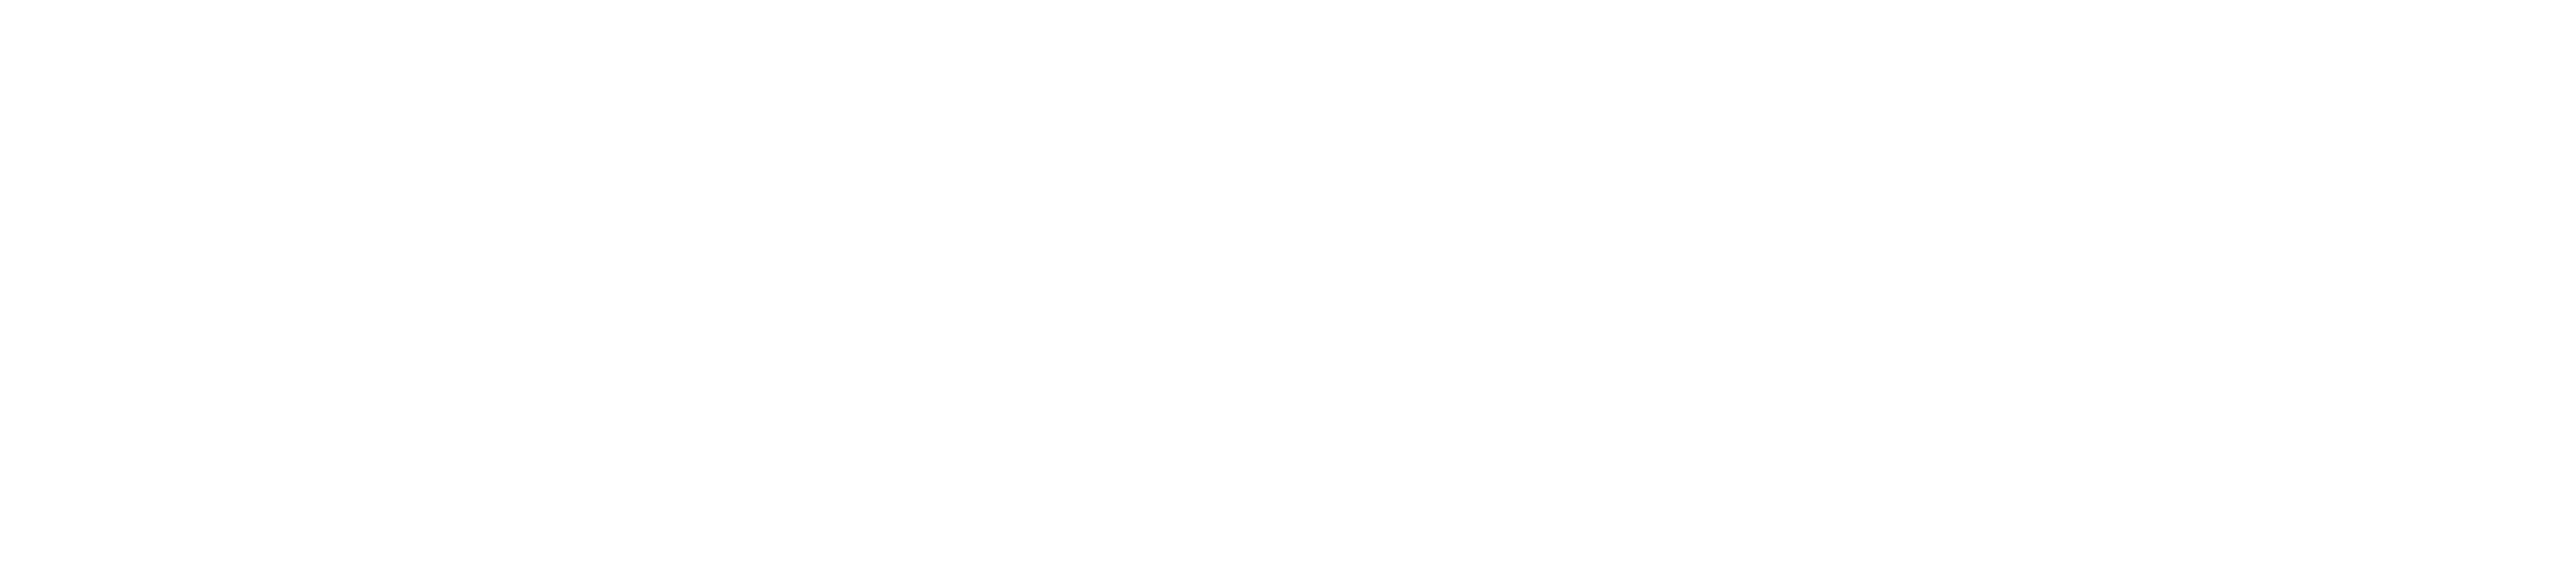 Auditorium Cloud